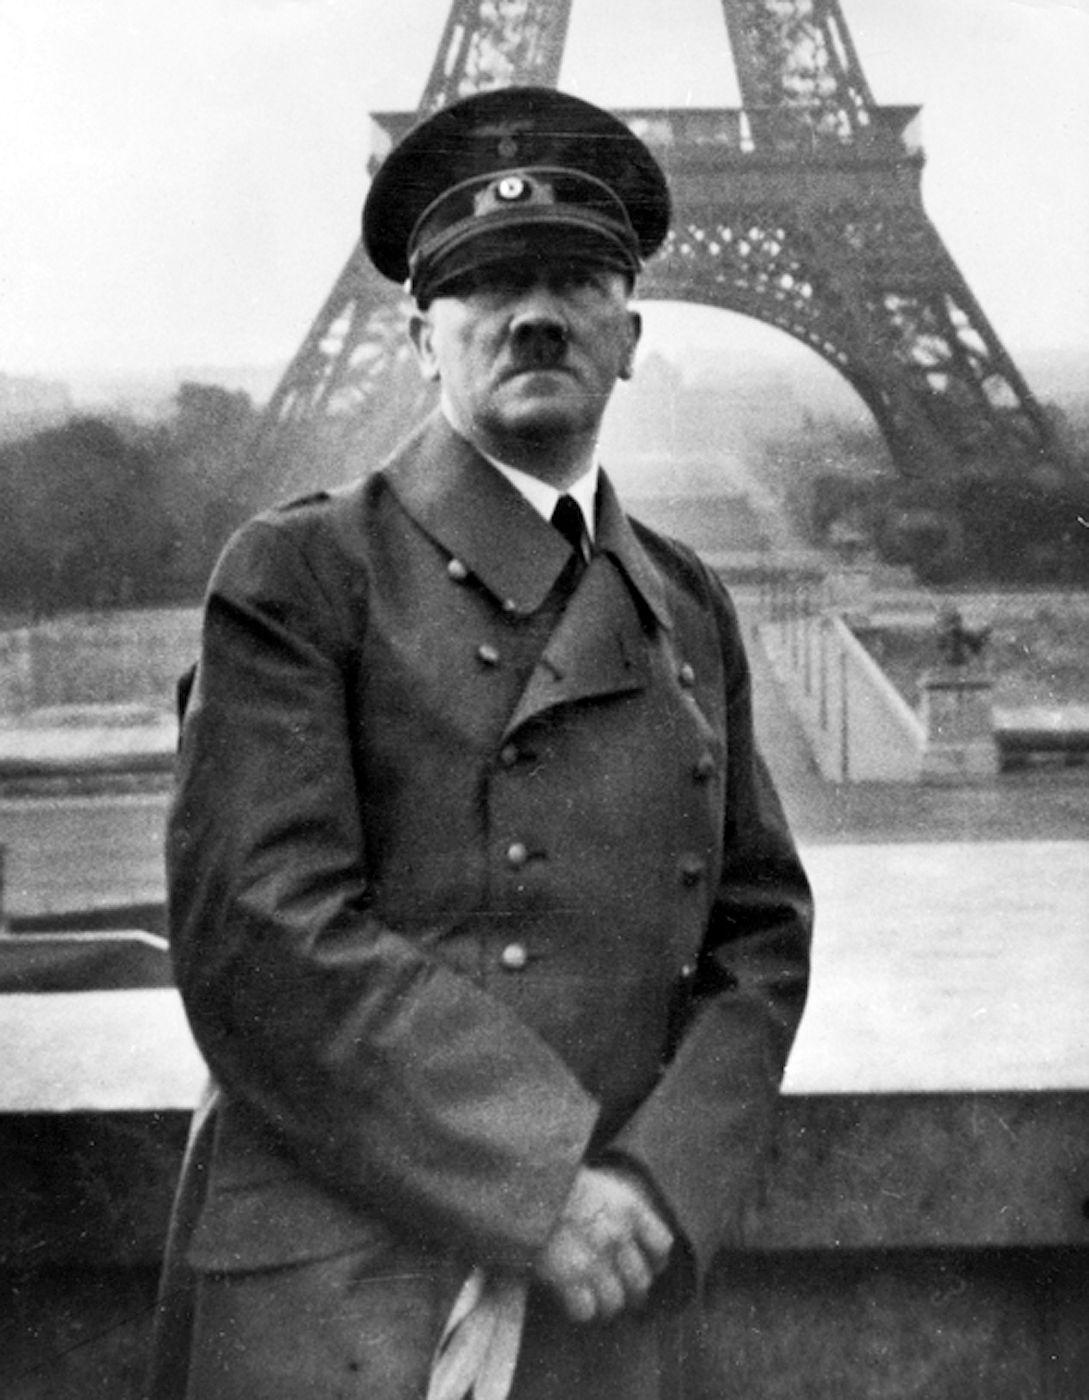 Heinrich Hoffmann une propagande par l'image particulièrement élaborée.